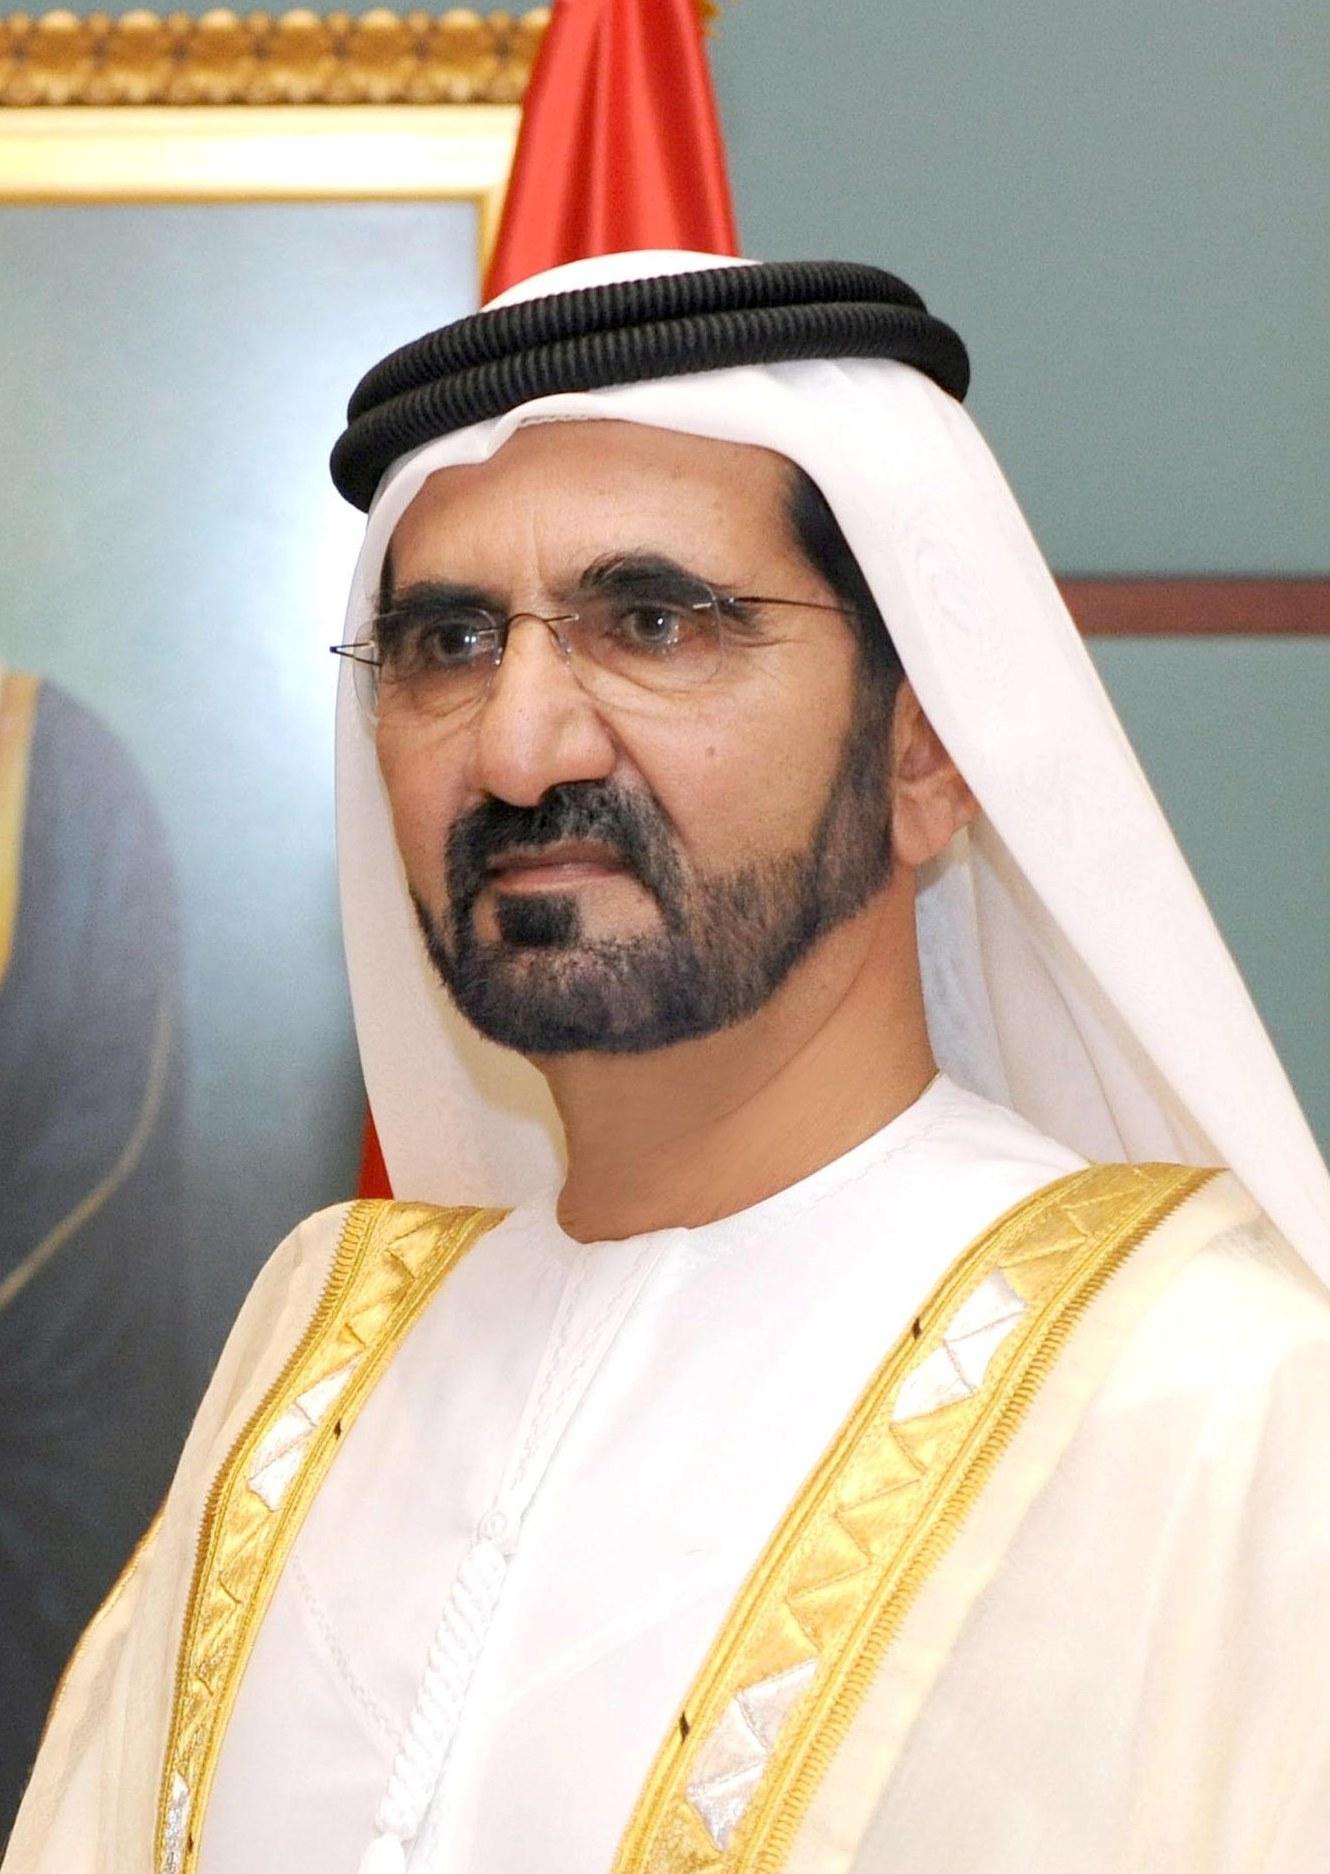 Mohammed Bin Rashid Al Maktoum Wikipedia